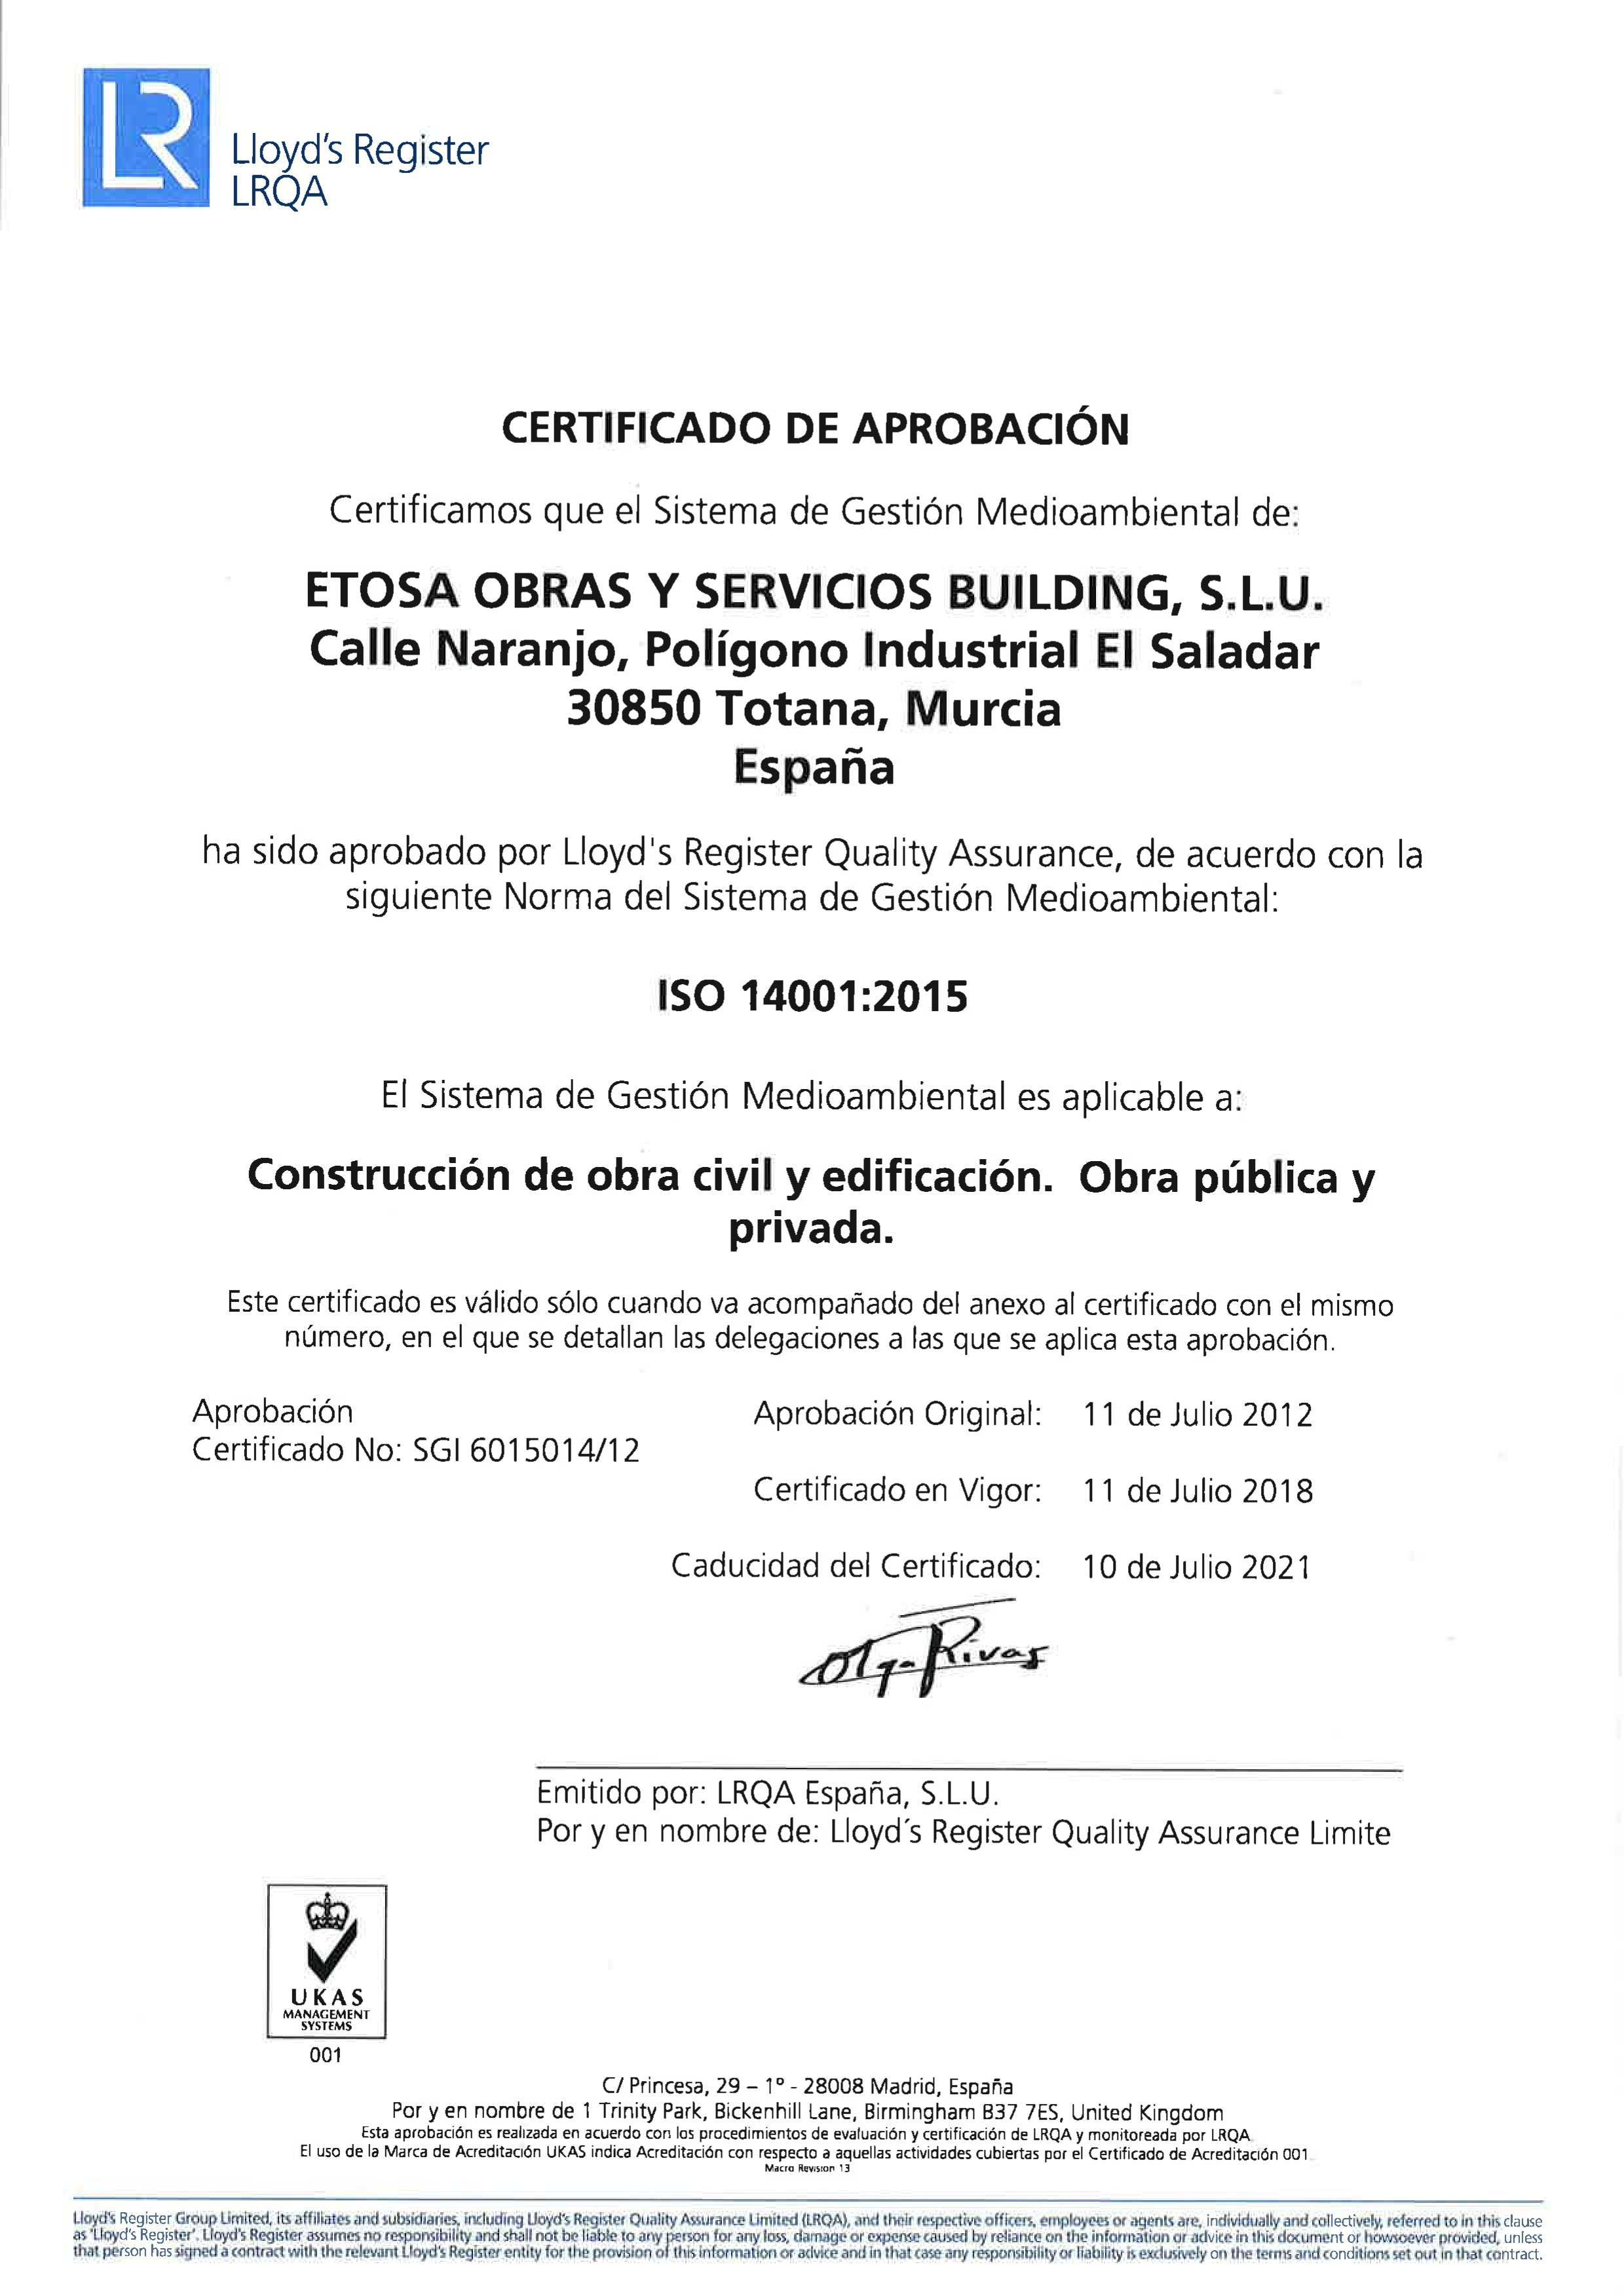 certificados calidad y medio ambiente_005.jpg